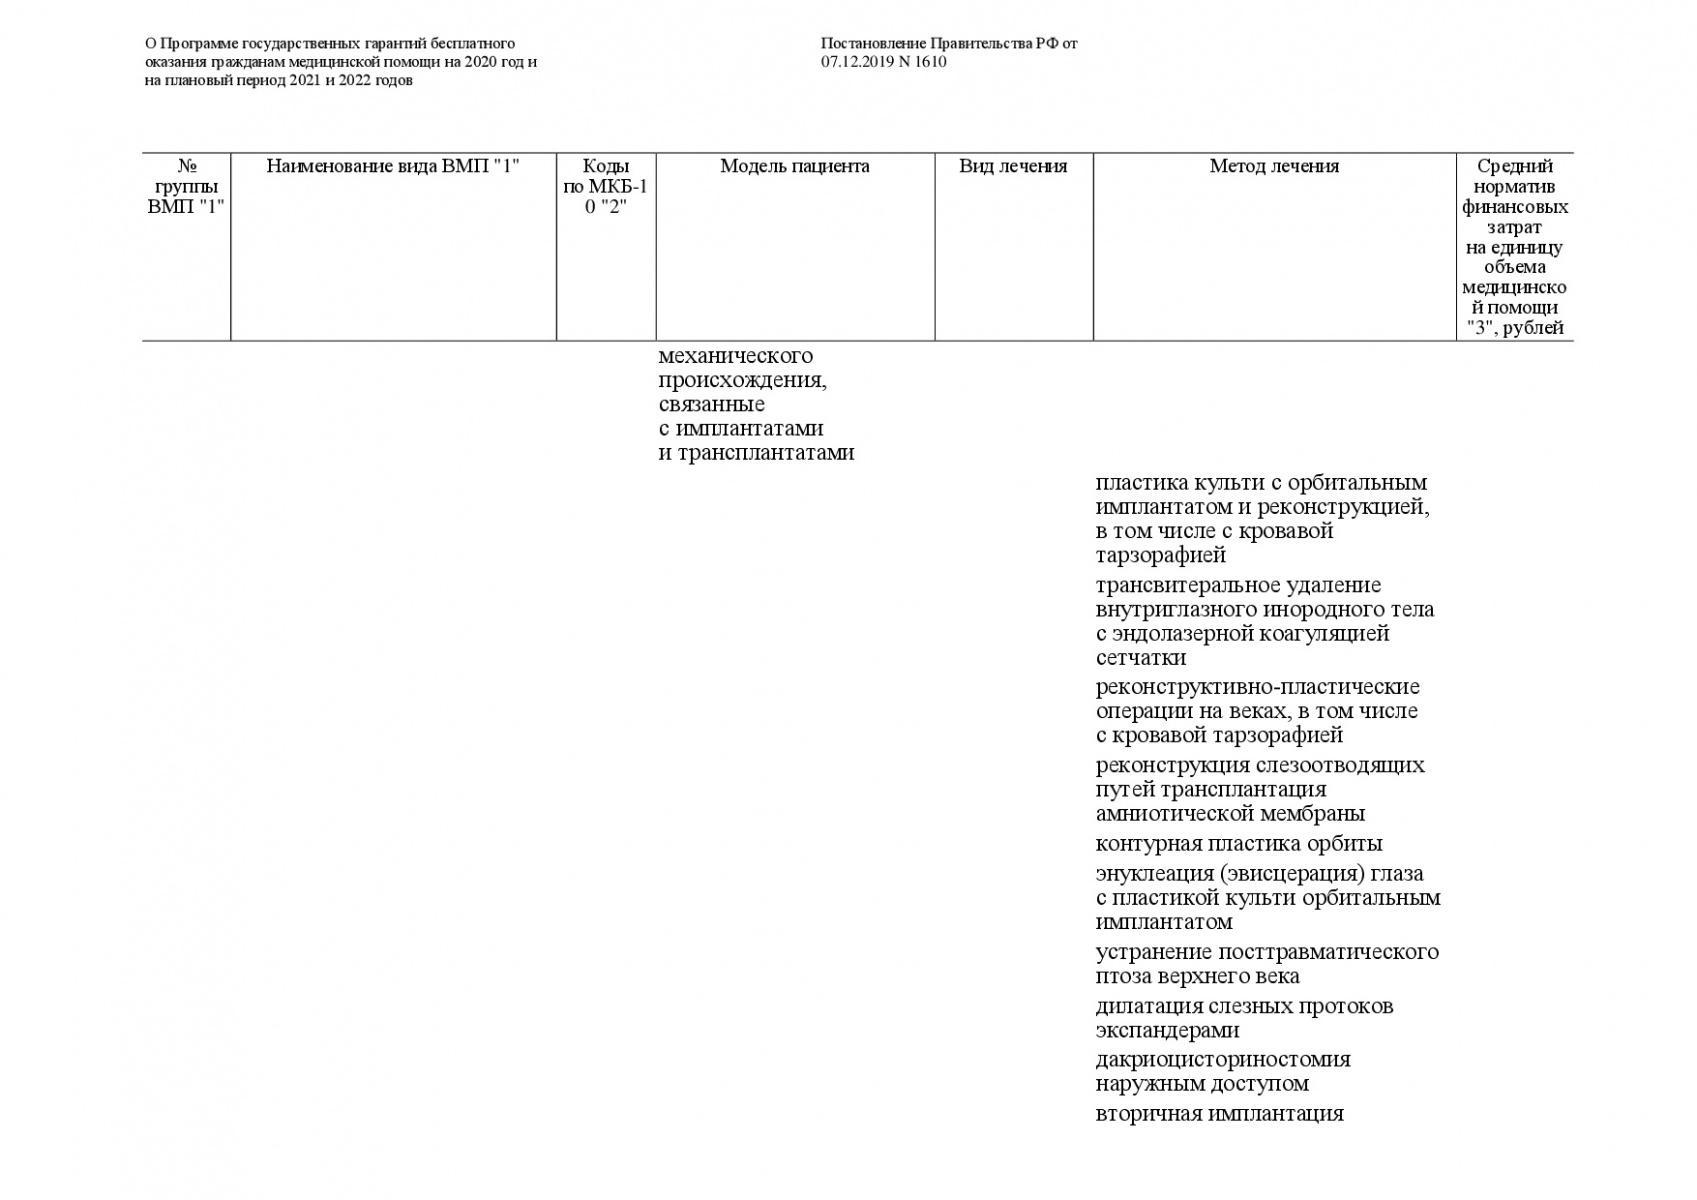 Postanovlenie-Pravitelstva-RF-ot-07_12_2019-1610-O-PGG-229